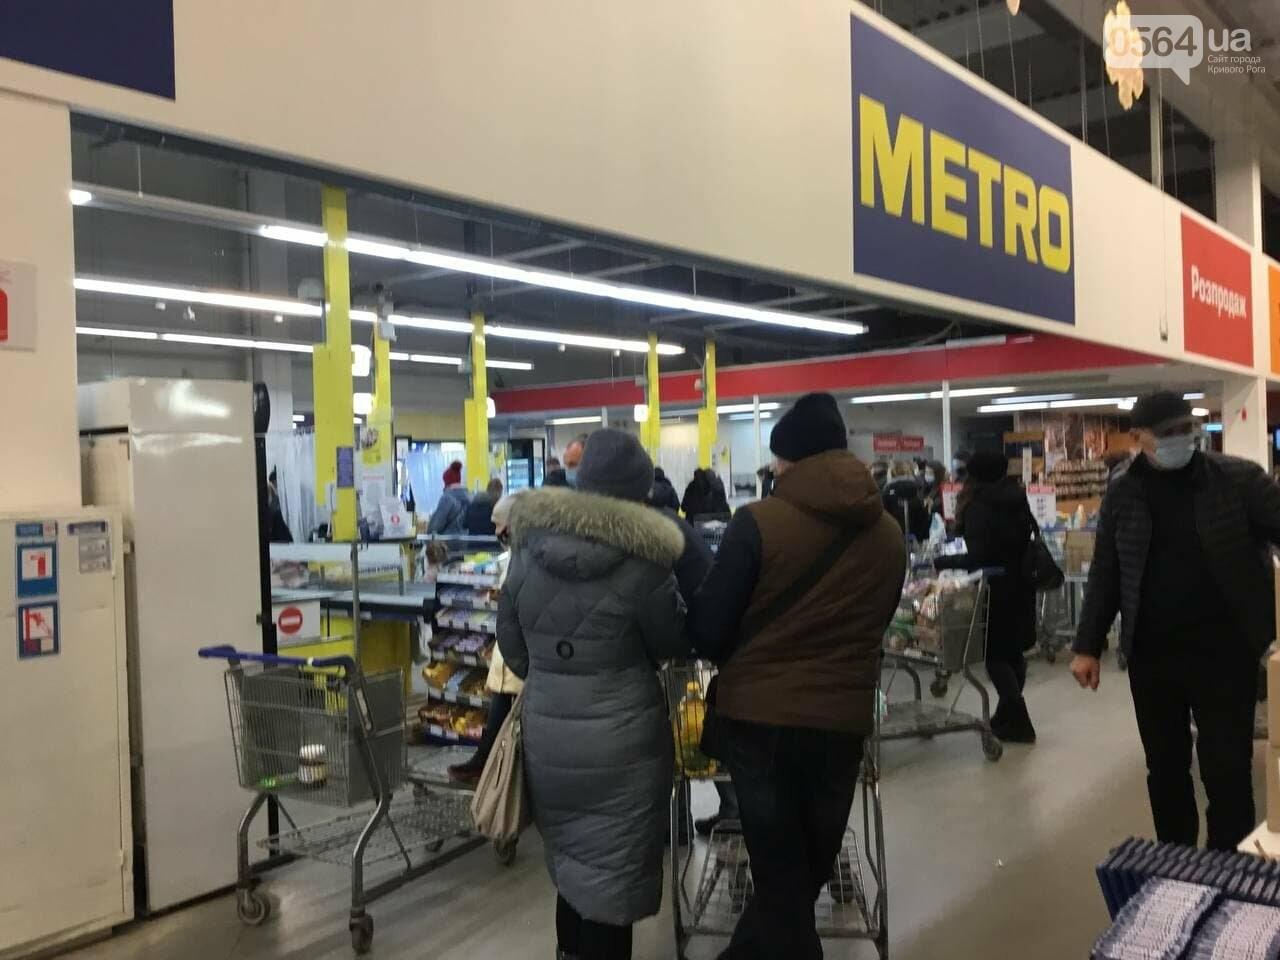 Как в Кривом Роге работают гипермаркеты в период локдауна, - ФОТО, фото-17